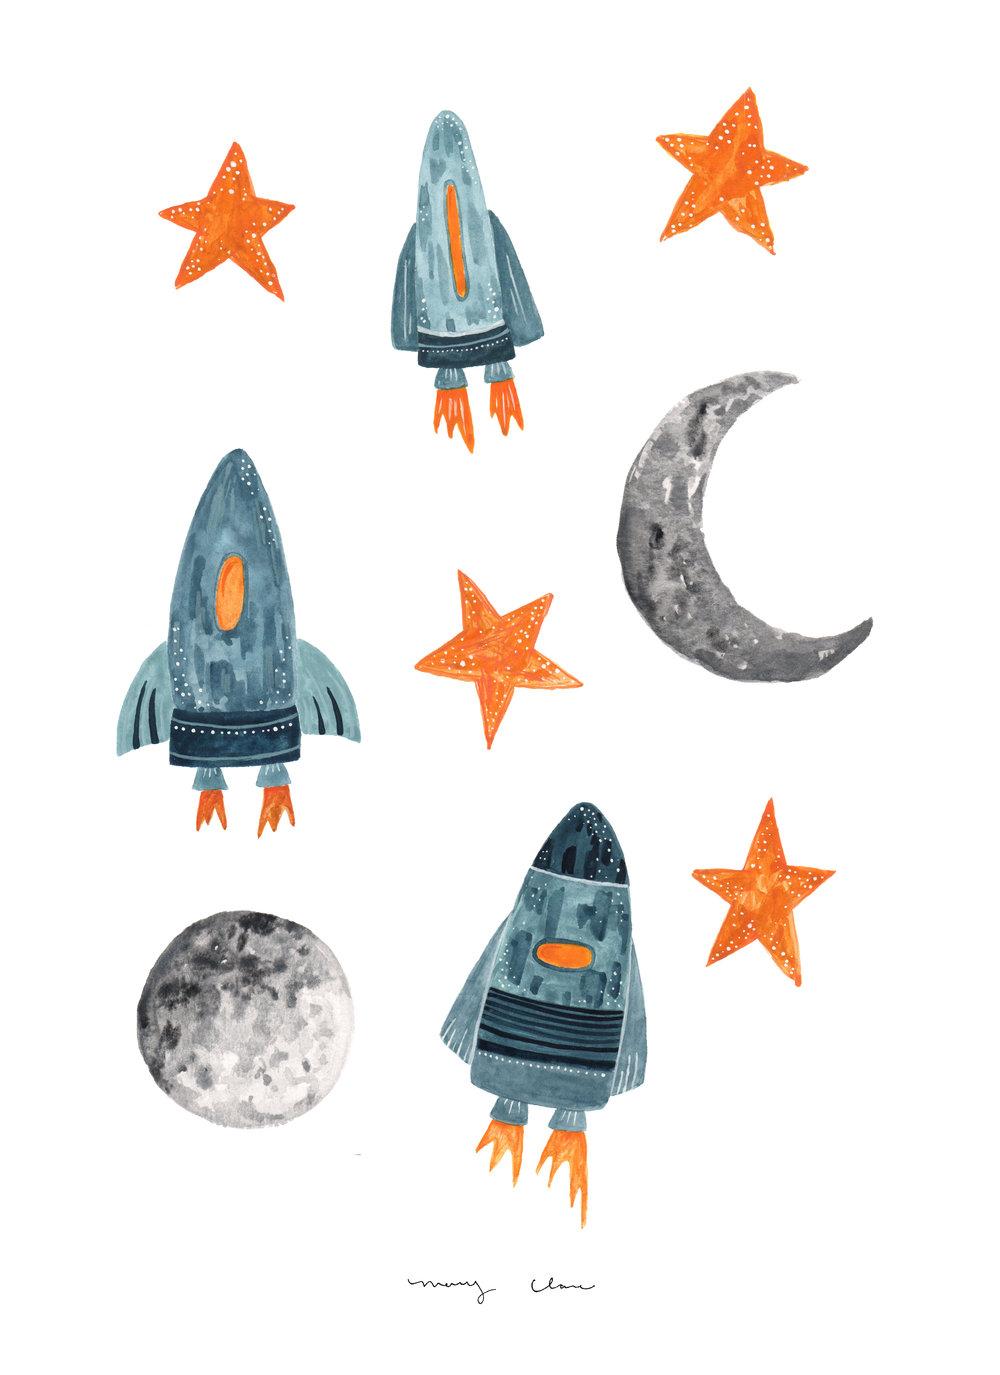 orangeleaves-moons-spaceships-maryclarewilkie-02.jpg